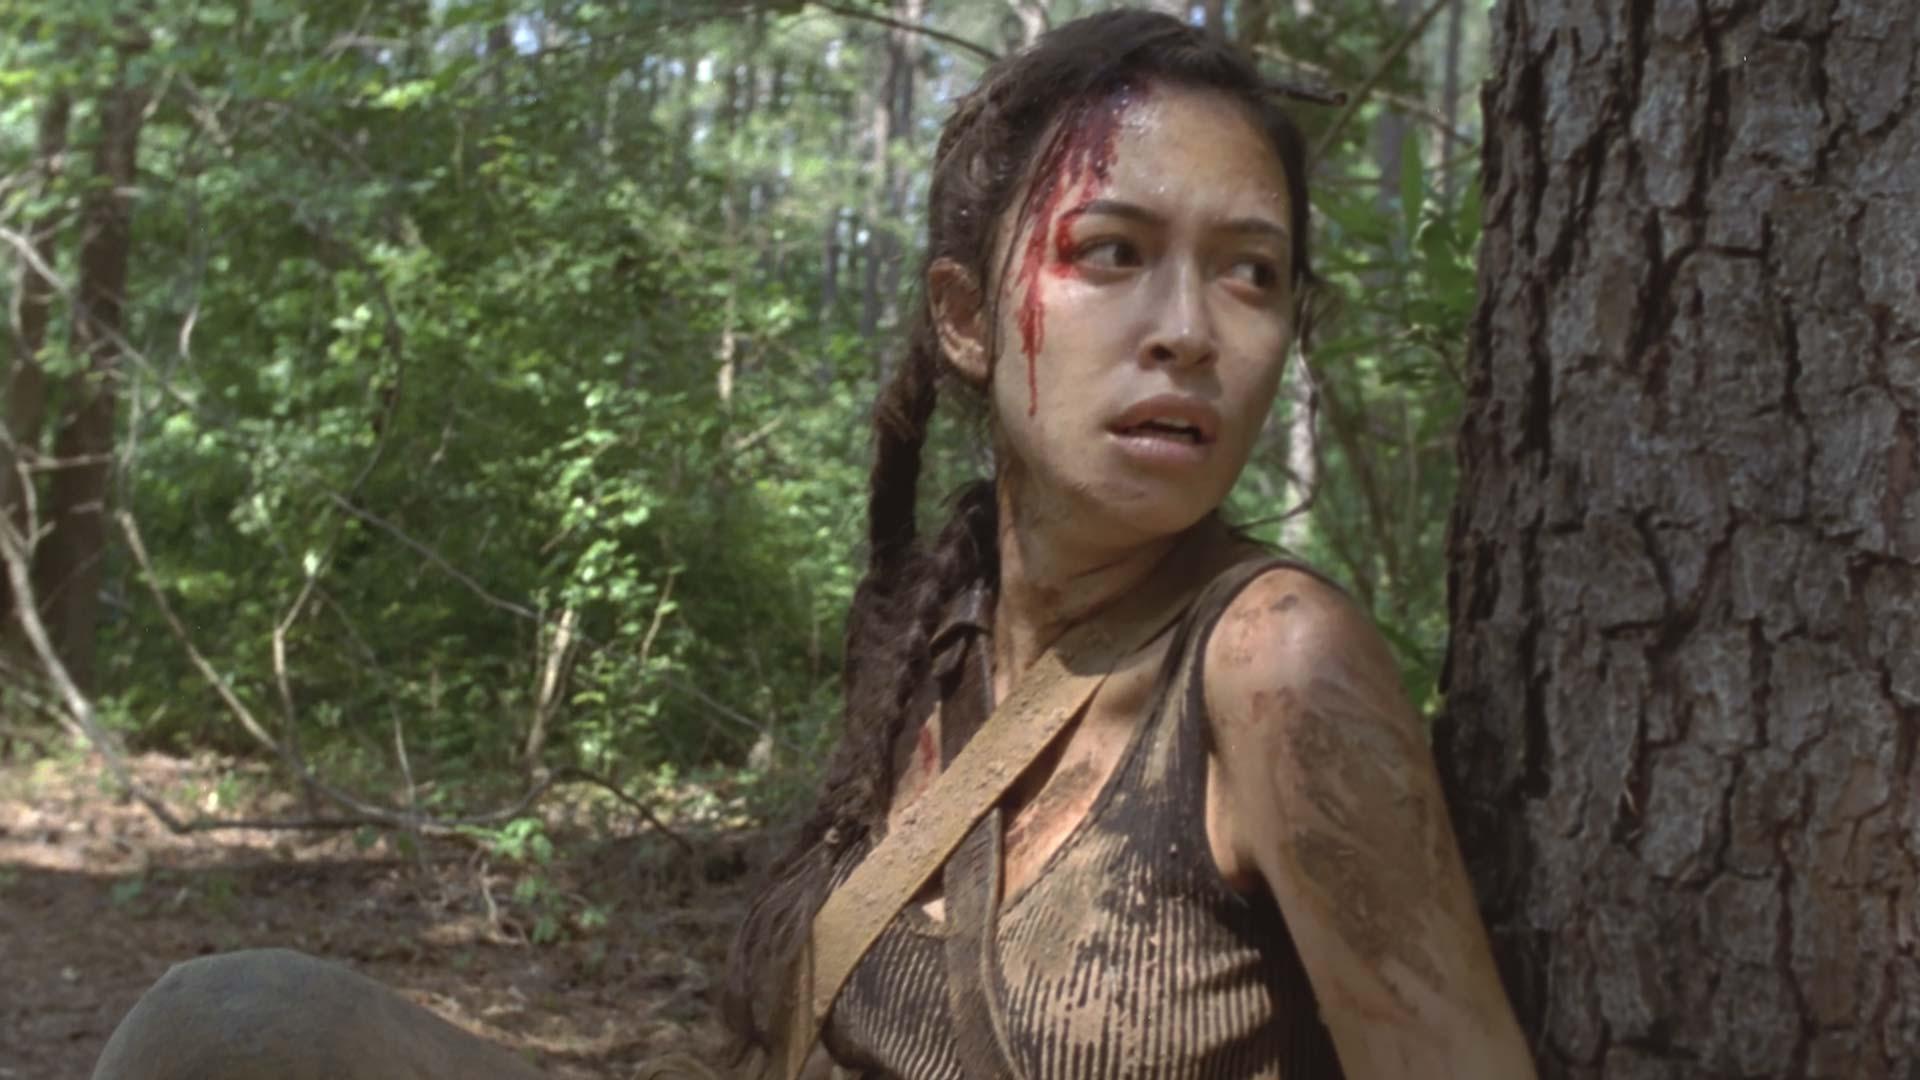 Walking Dead Season 7 Episode 9